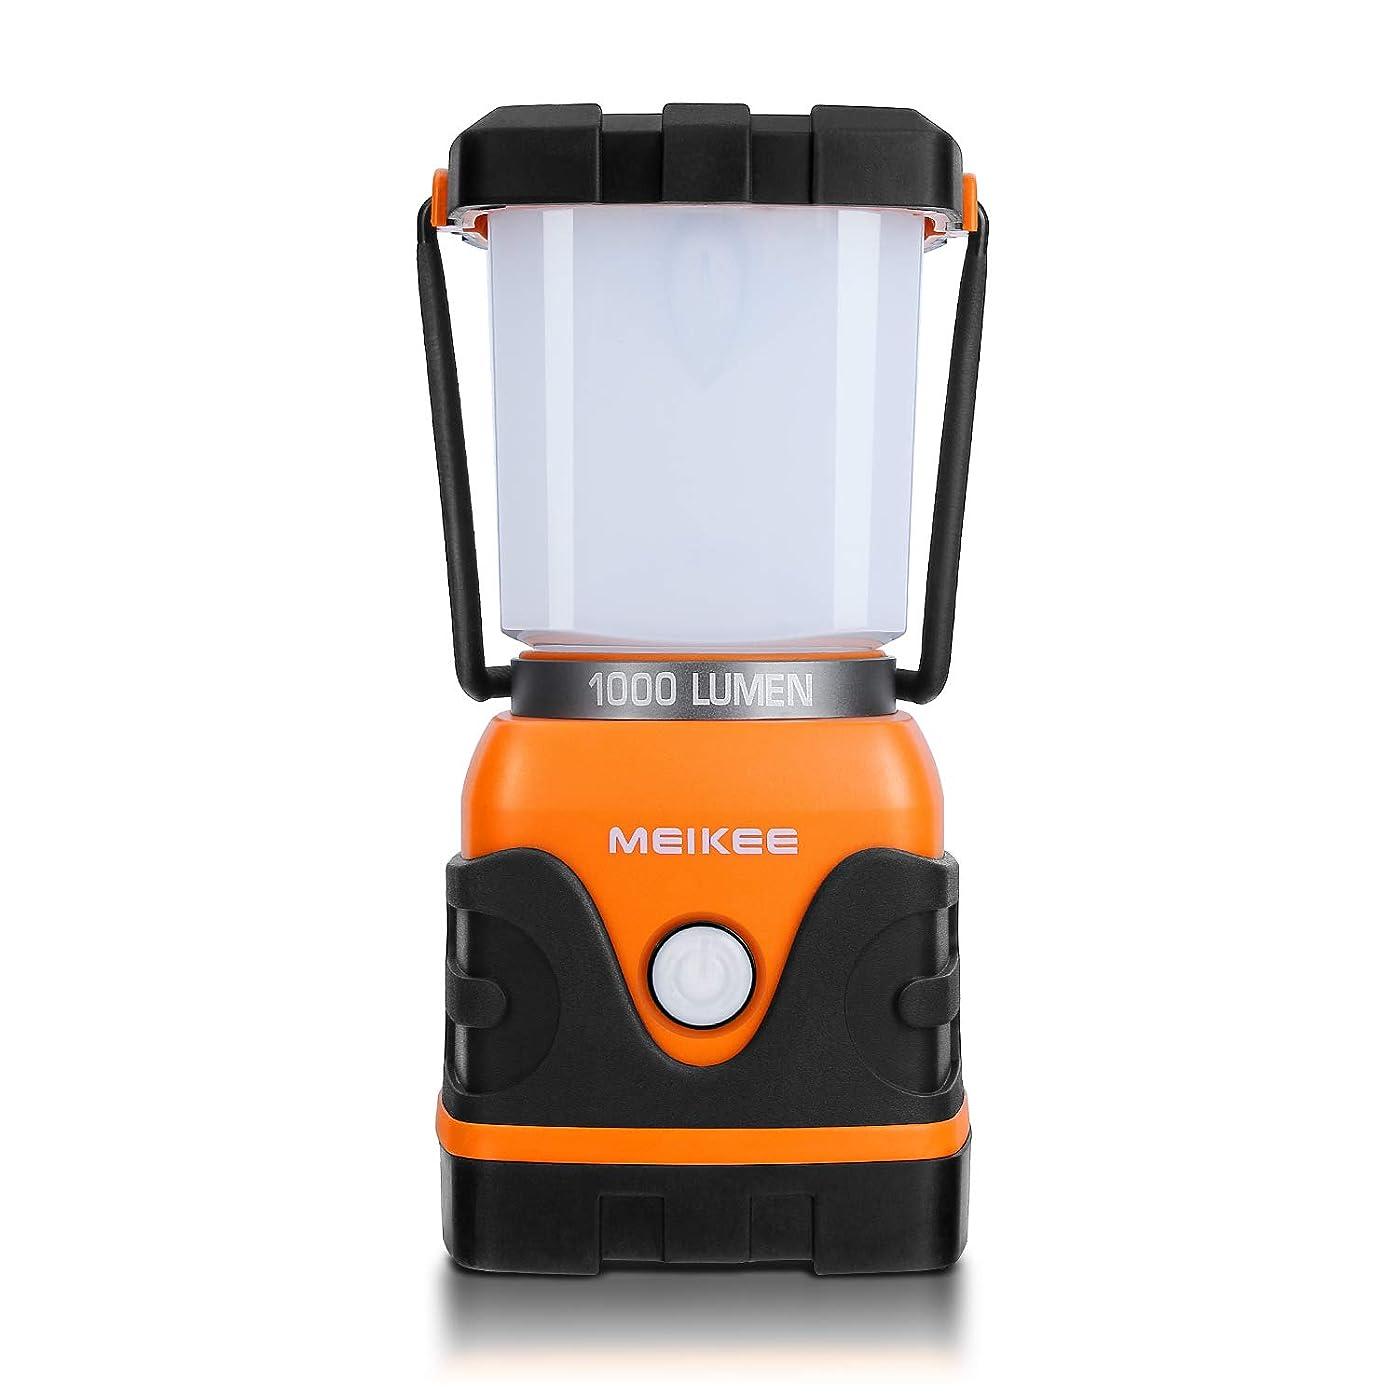 トリクルラインナップバースト電池式LEDランタン 連続点灯25時間 超高輝度1000ルーメン 昼白色と暖色 4点灯モード 無限調光調色 IP66防水 アウトドア/応急/防災用品 2年保証